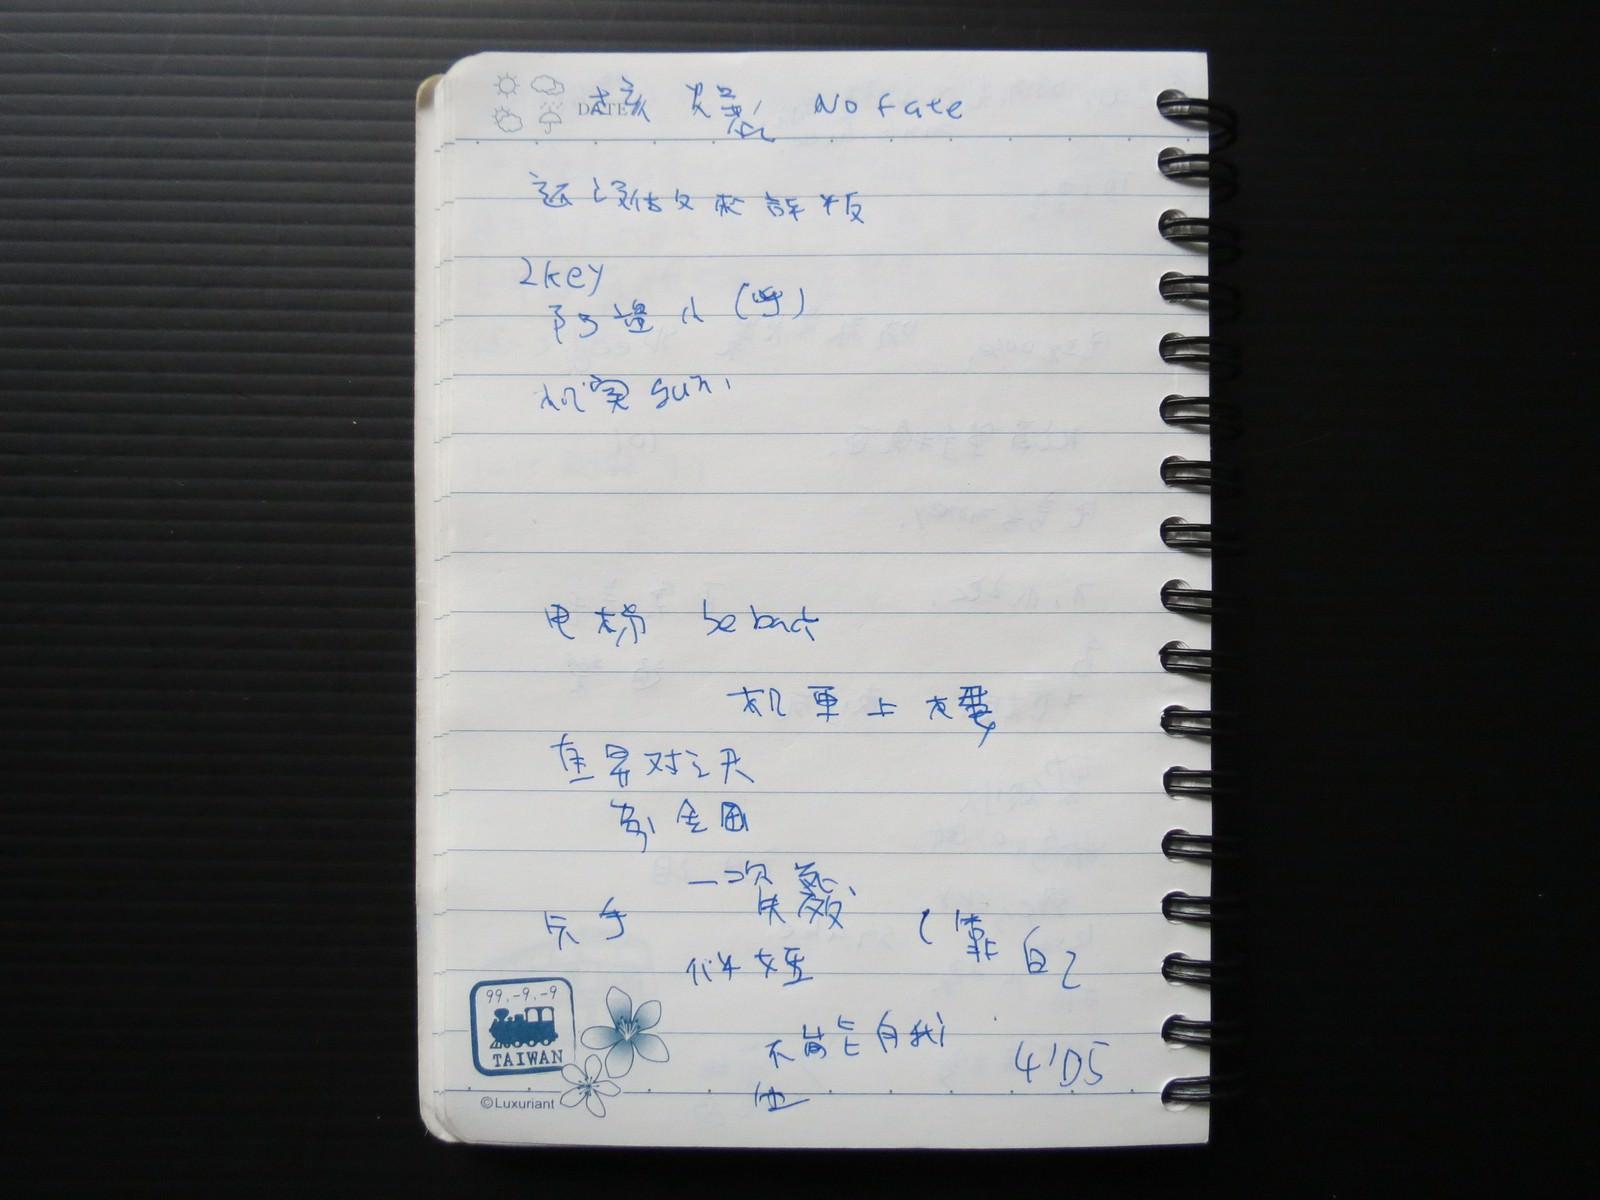 《魔鬼終結者2》影評:我的童年夢魘 [數位修復3D版] - 闕小豪